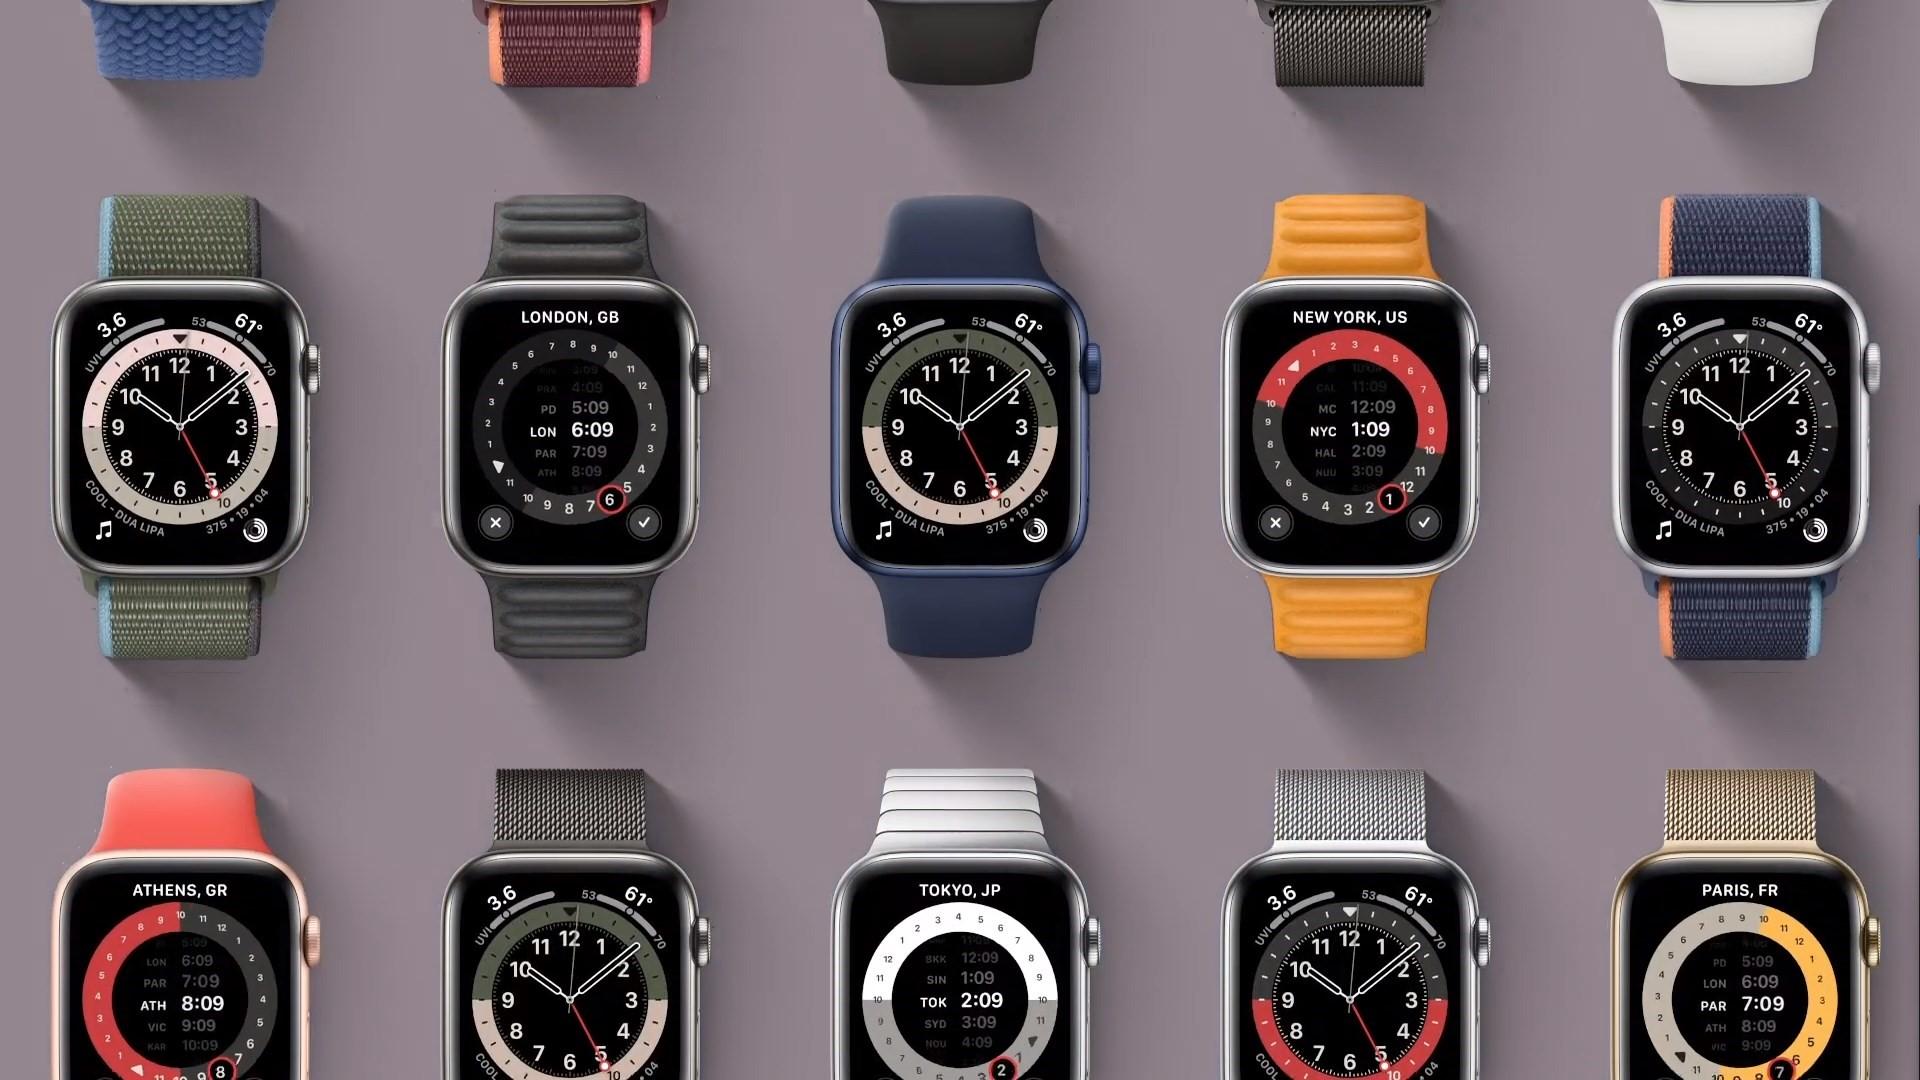 Apple Watch 6 ufficiale: nuovi colori accattivanti e tante novità 4